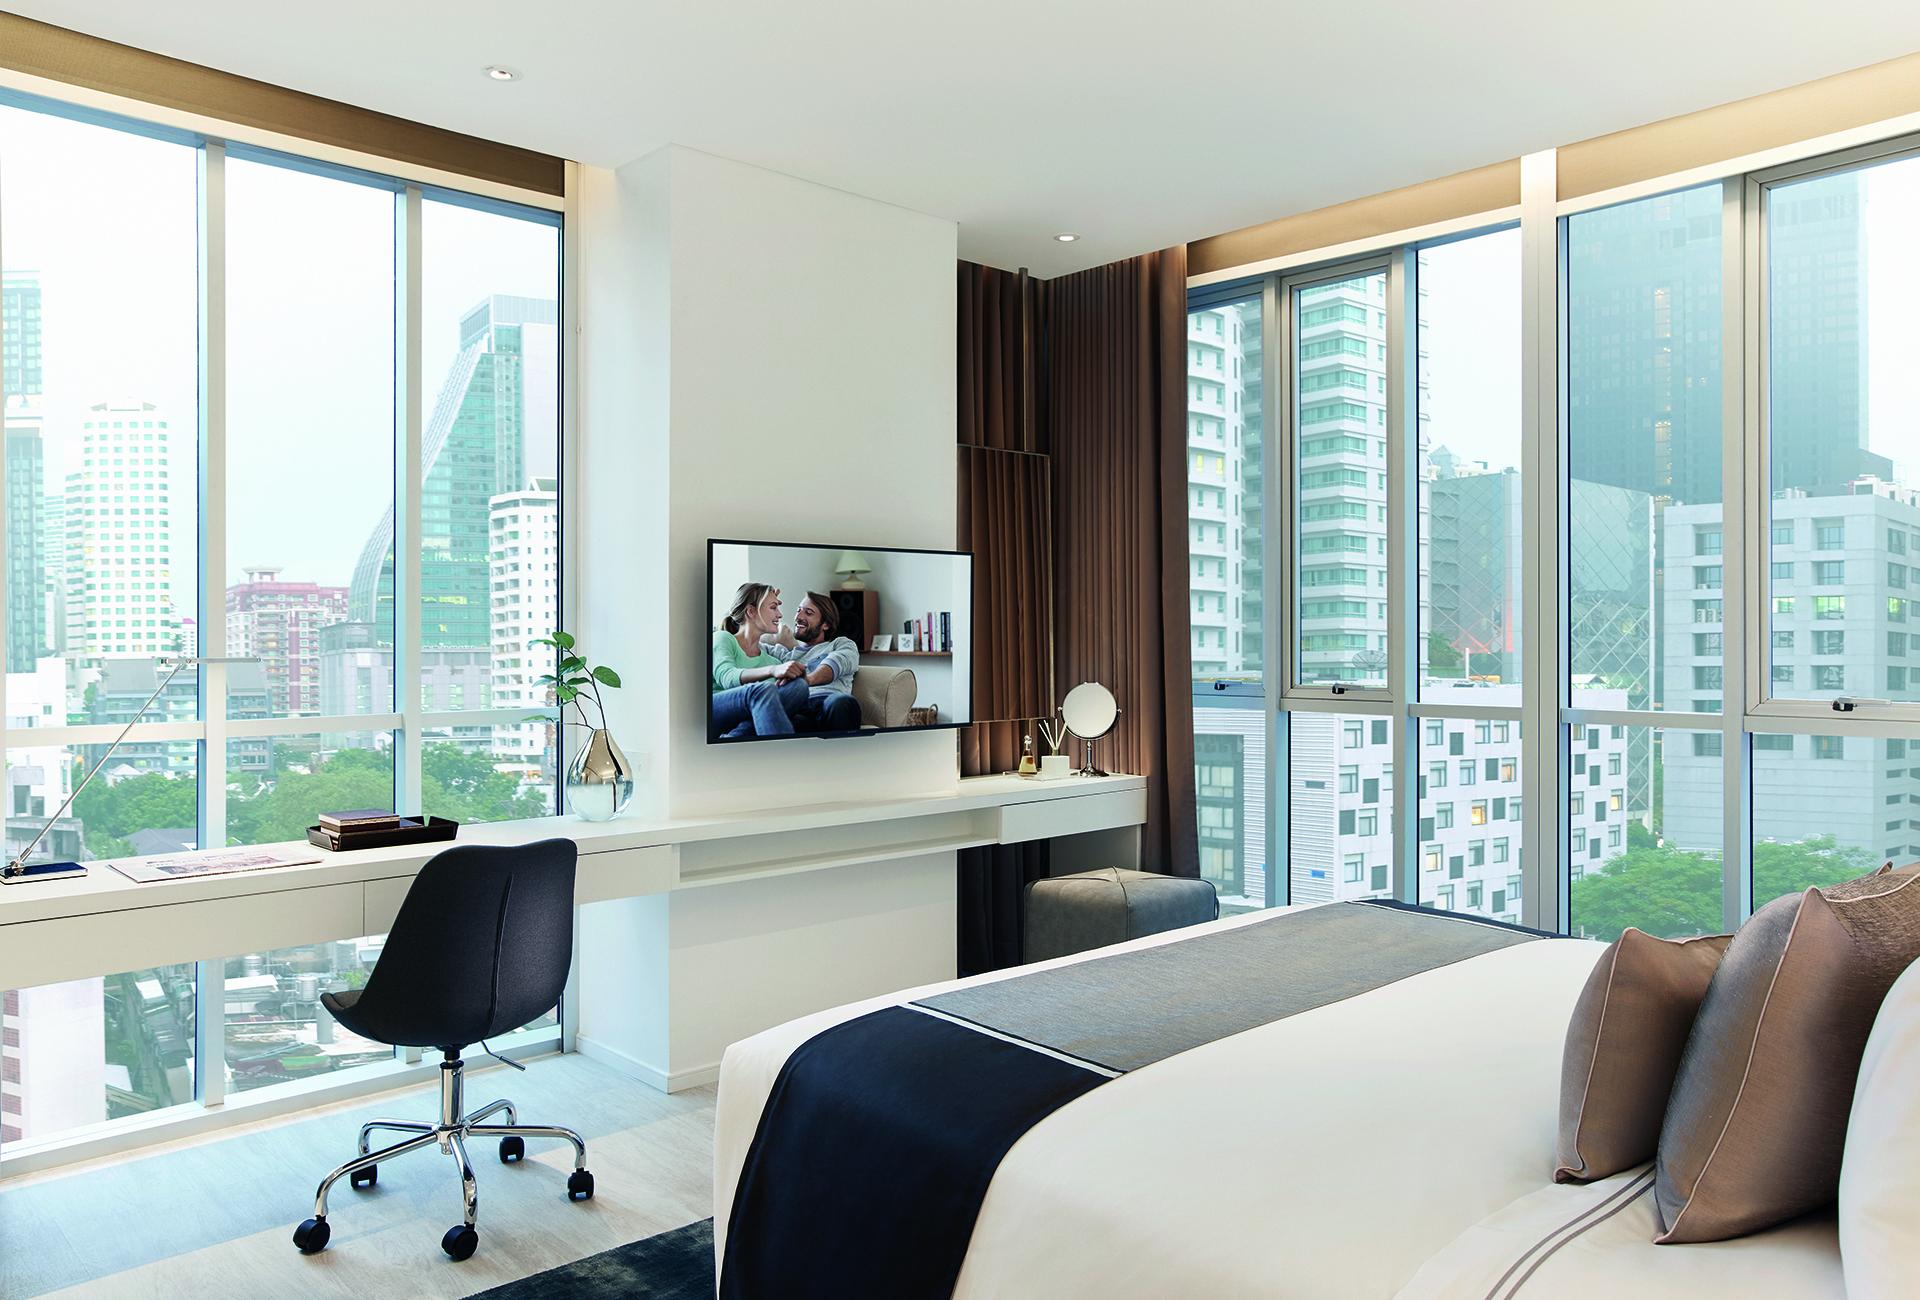 5-ONE-BEDROOM-PREMIER-Bedroom-Hires.jpg